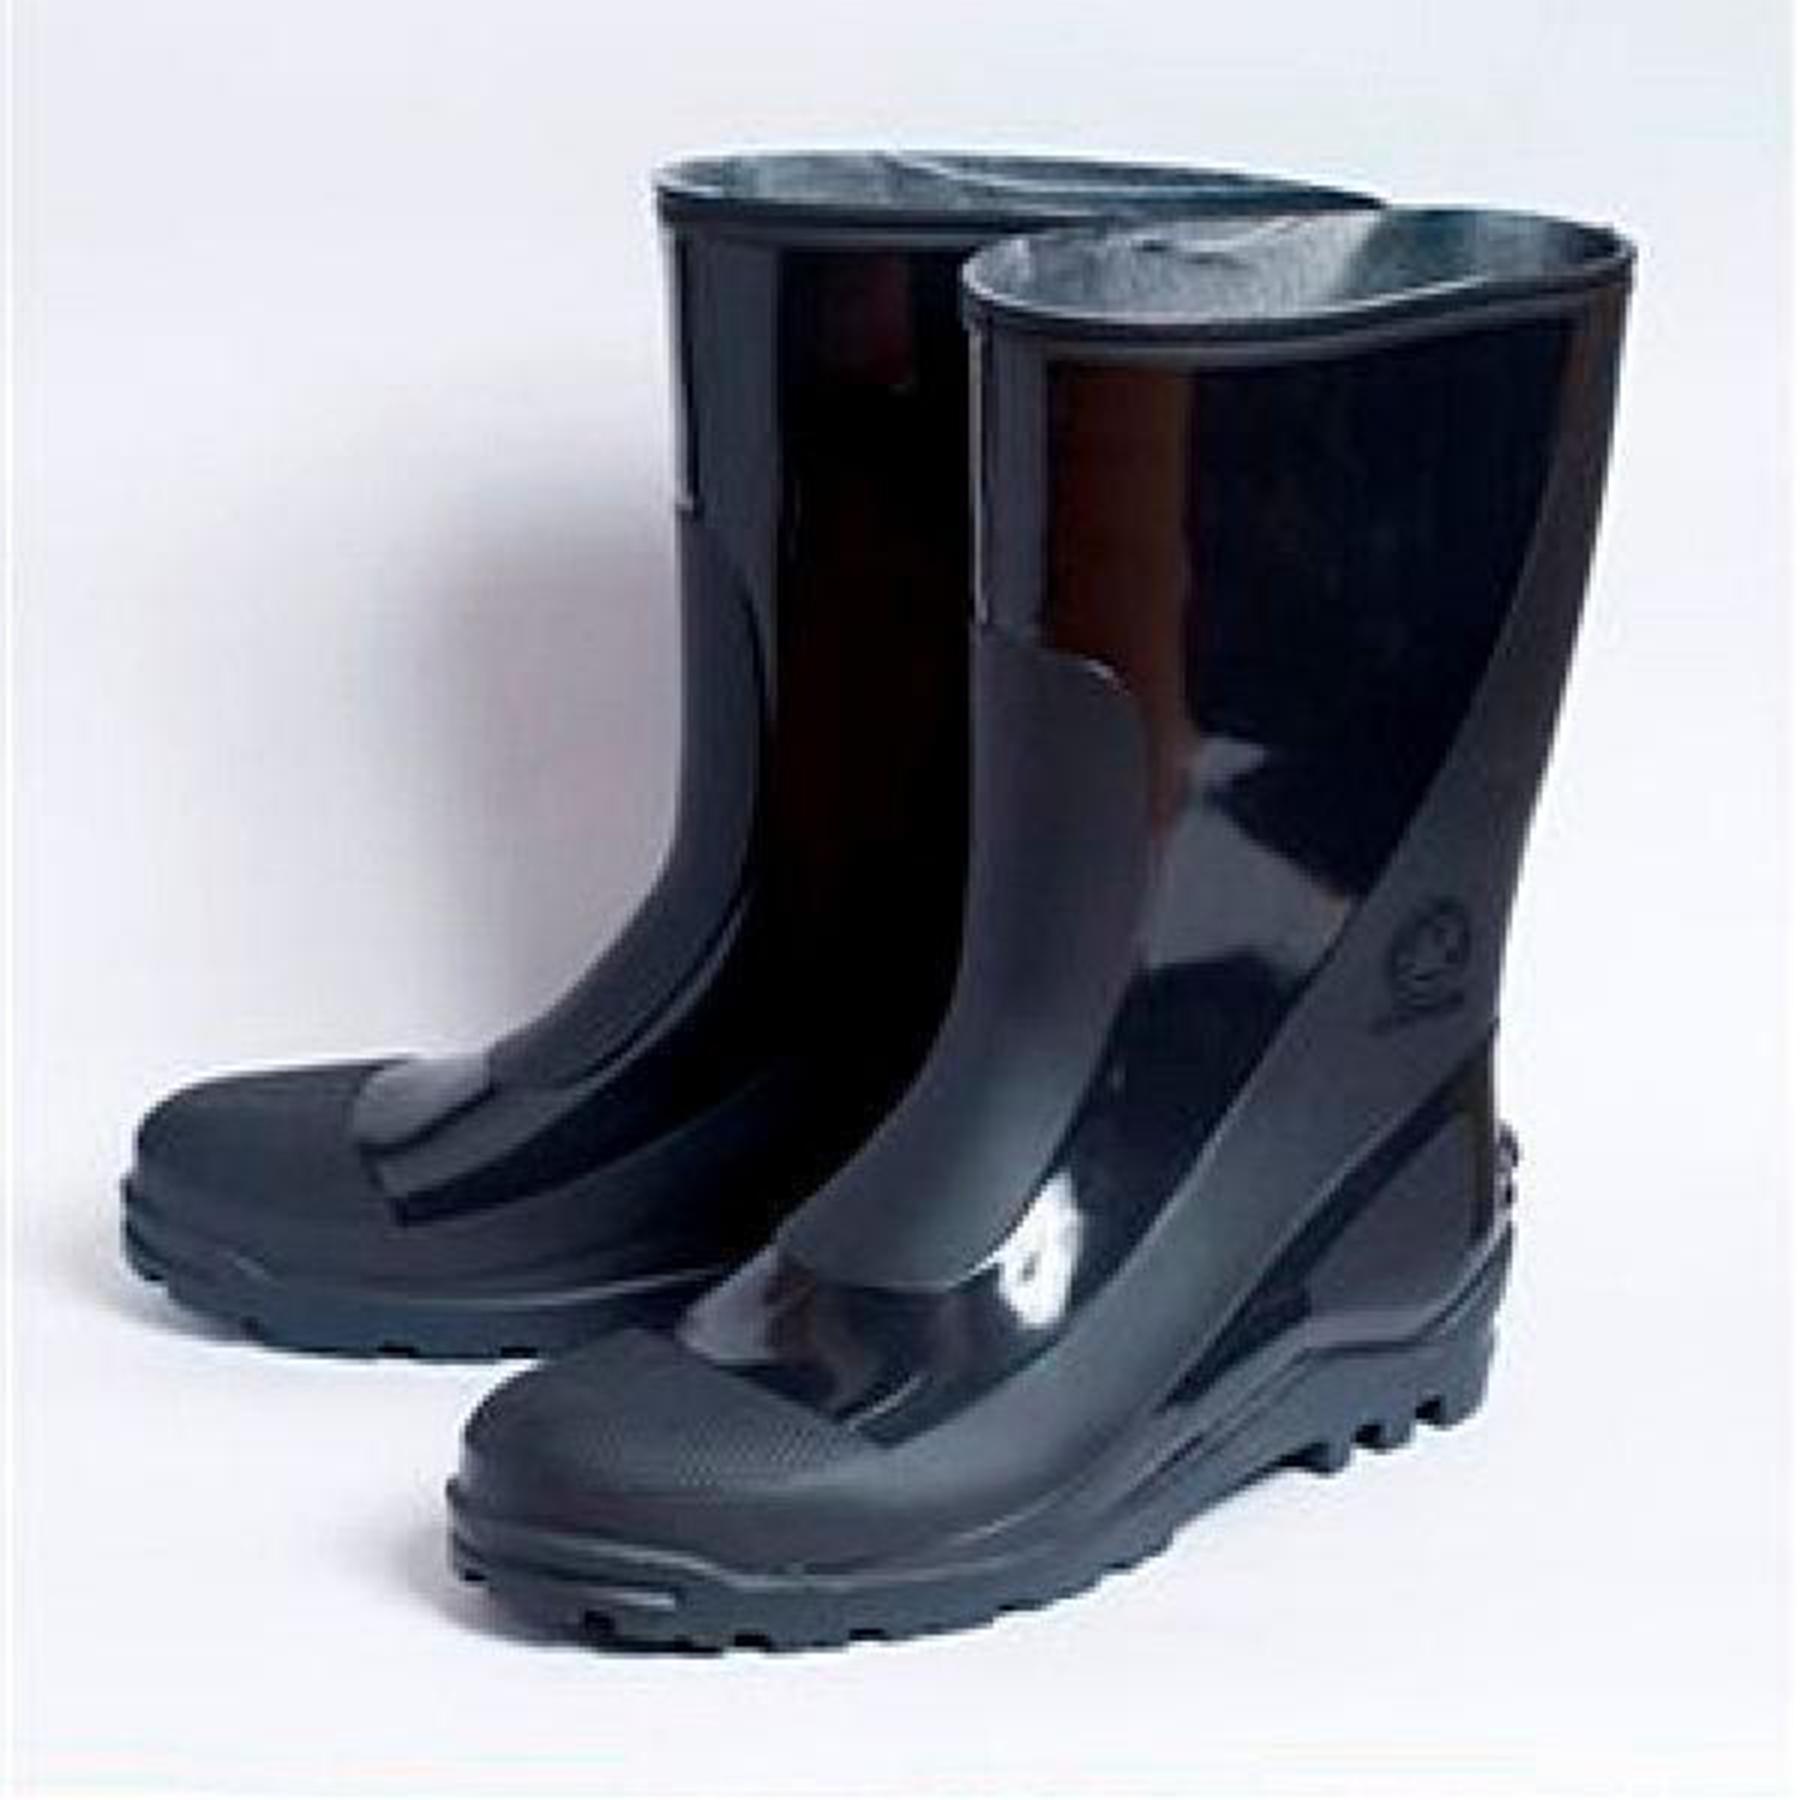 Сапоги ПВХ мужские 95-77 р.46 цвет черный/олива высота 30см